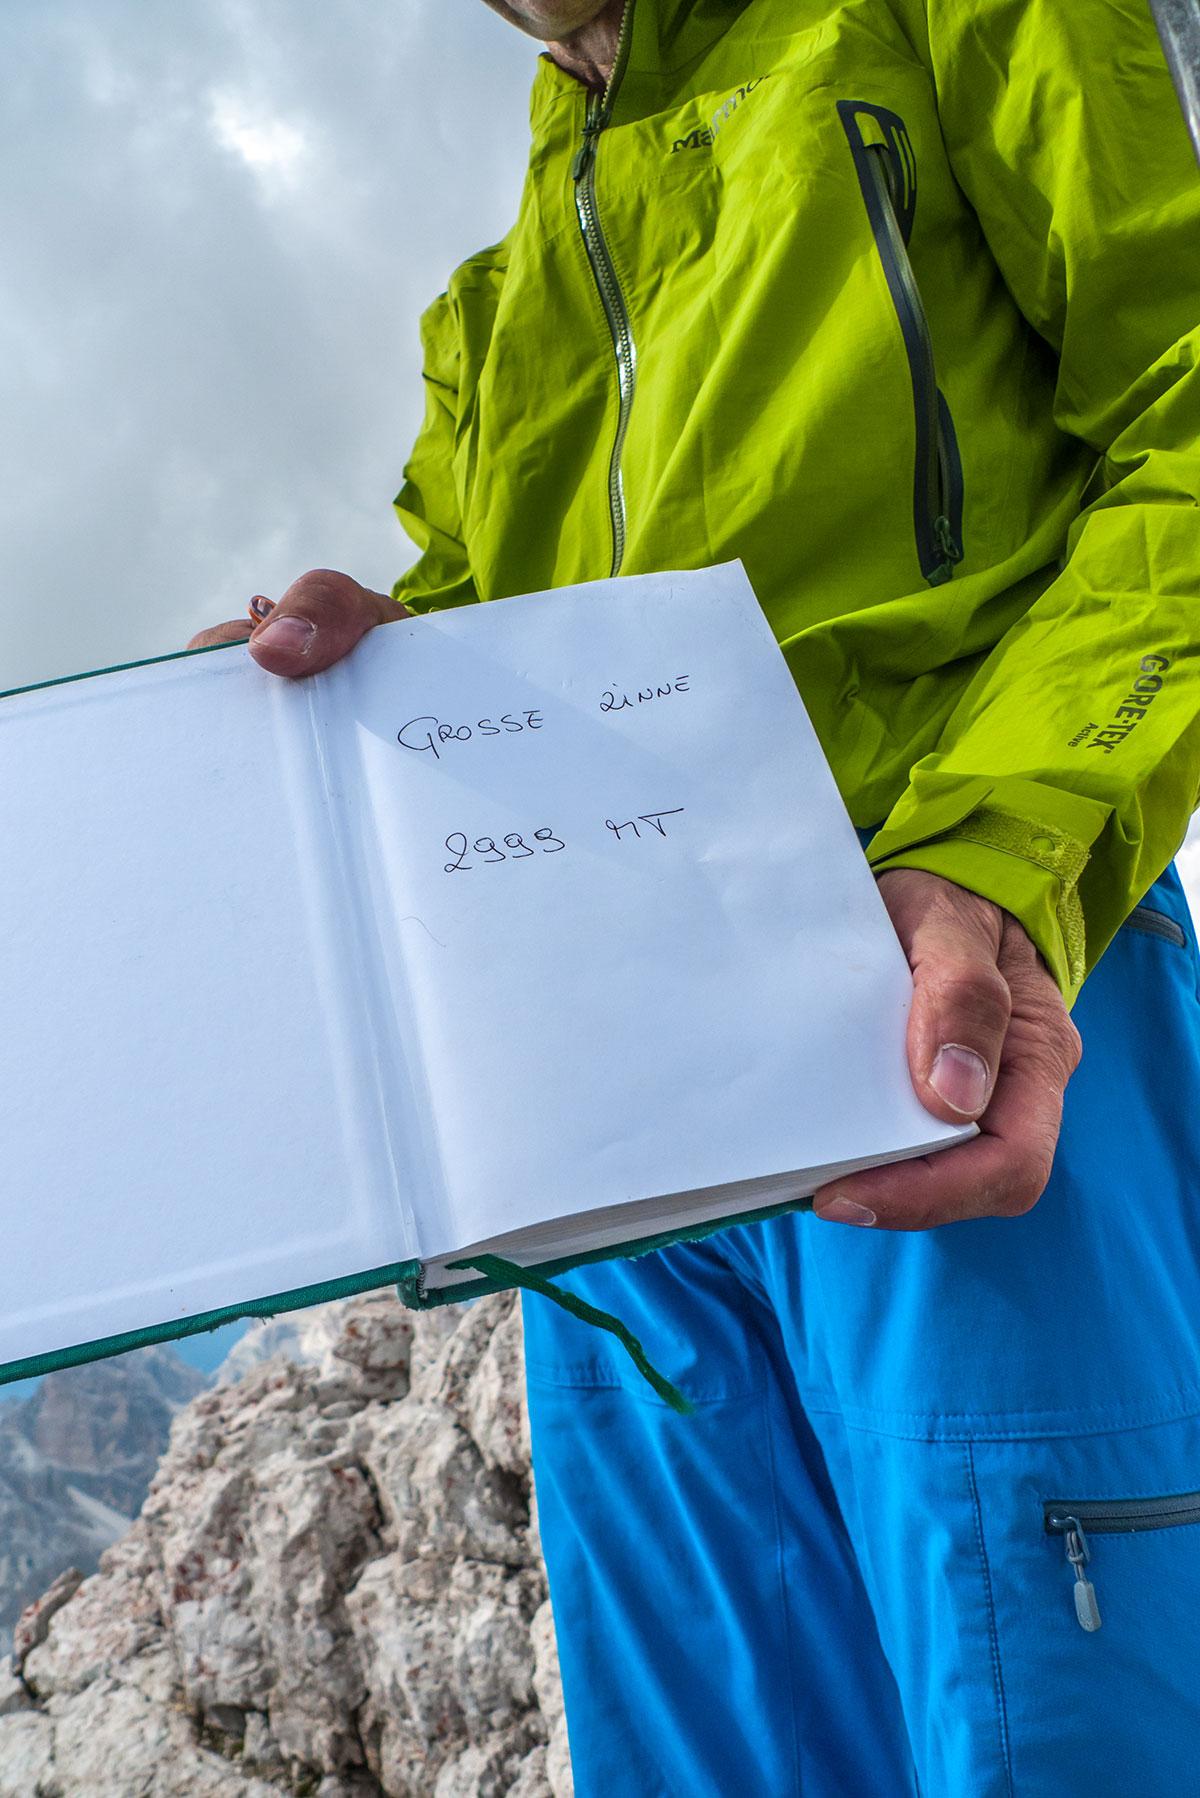 Dolomiten, Gipfelbuch Grosse Zinne